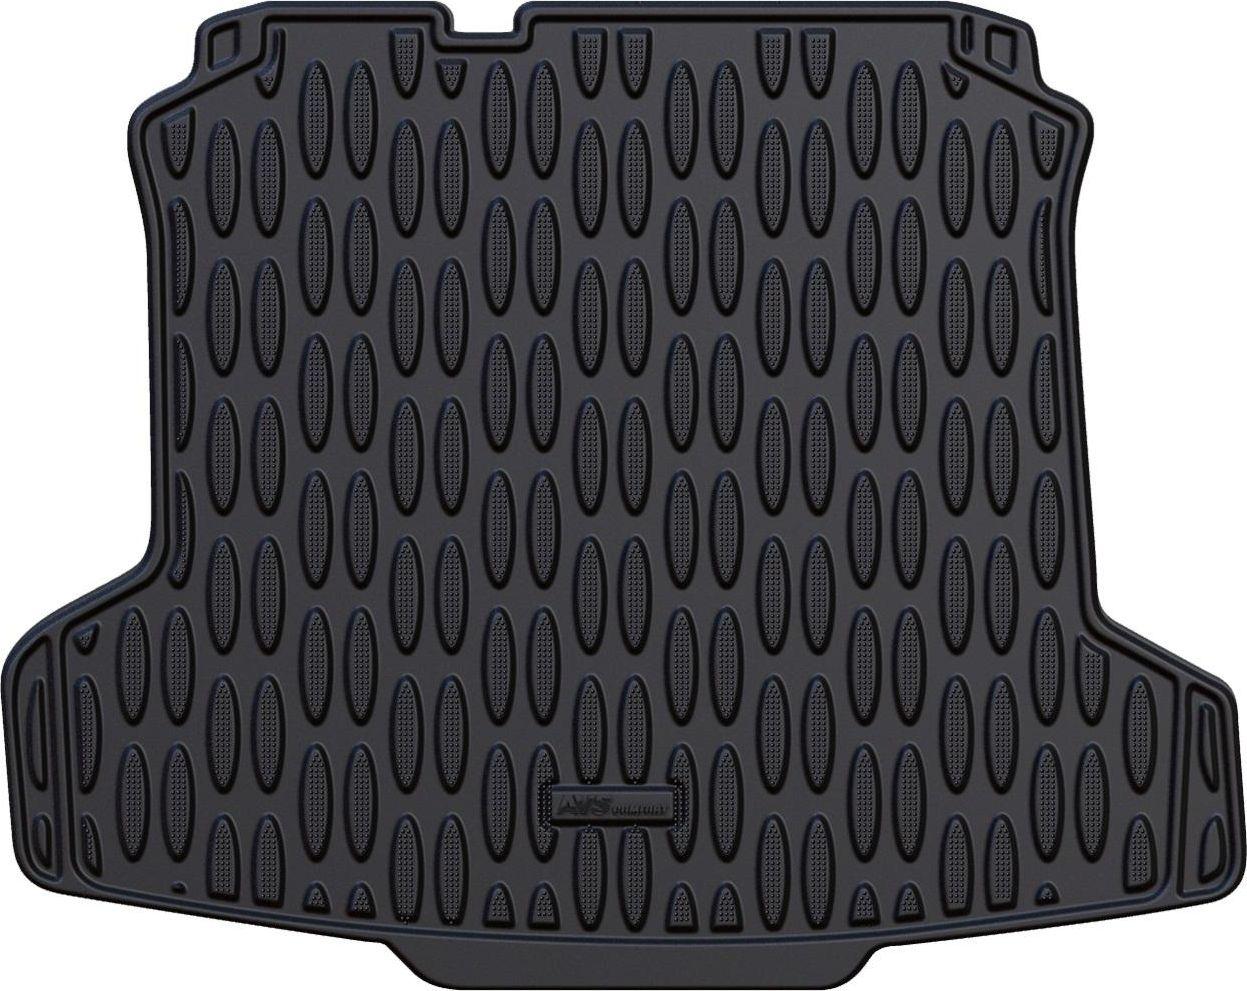 Ковер автомобильный AVS для VW Polo SD 2010-, в багажникA78780S1. Спроектированы с помощью 3D моделирования. Ковры для багажника : конфигурация позволяет максимально использовать объем багажника 2. Высокий борт Высота : 32 см. 3. Отсутствие резкого запаха , благодаря использованию высококачественного сырья4. Материал :ТЕРМОЭЛАСТОПЛАСТ(ТЭП)-благодаря высокому содержанию каучука (до 55 %): Более износоустойчивые по сравнению с резиновыми и полиуретановыми коврами других производителейПри температуре меньше -25 не «дубеют» . Легко моются, обладают повышенной износостойкостью 5. Оригинальный рисунок «ПРОТЕКТОР» (антискользящее исполнение лицевой поверхности) Препятствует перемещению груза в багажнике во время движения автомобиля 6. Легкий вес – в 2 раза легче резиновых